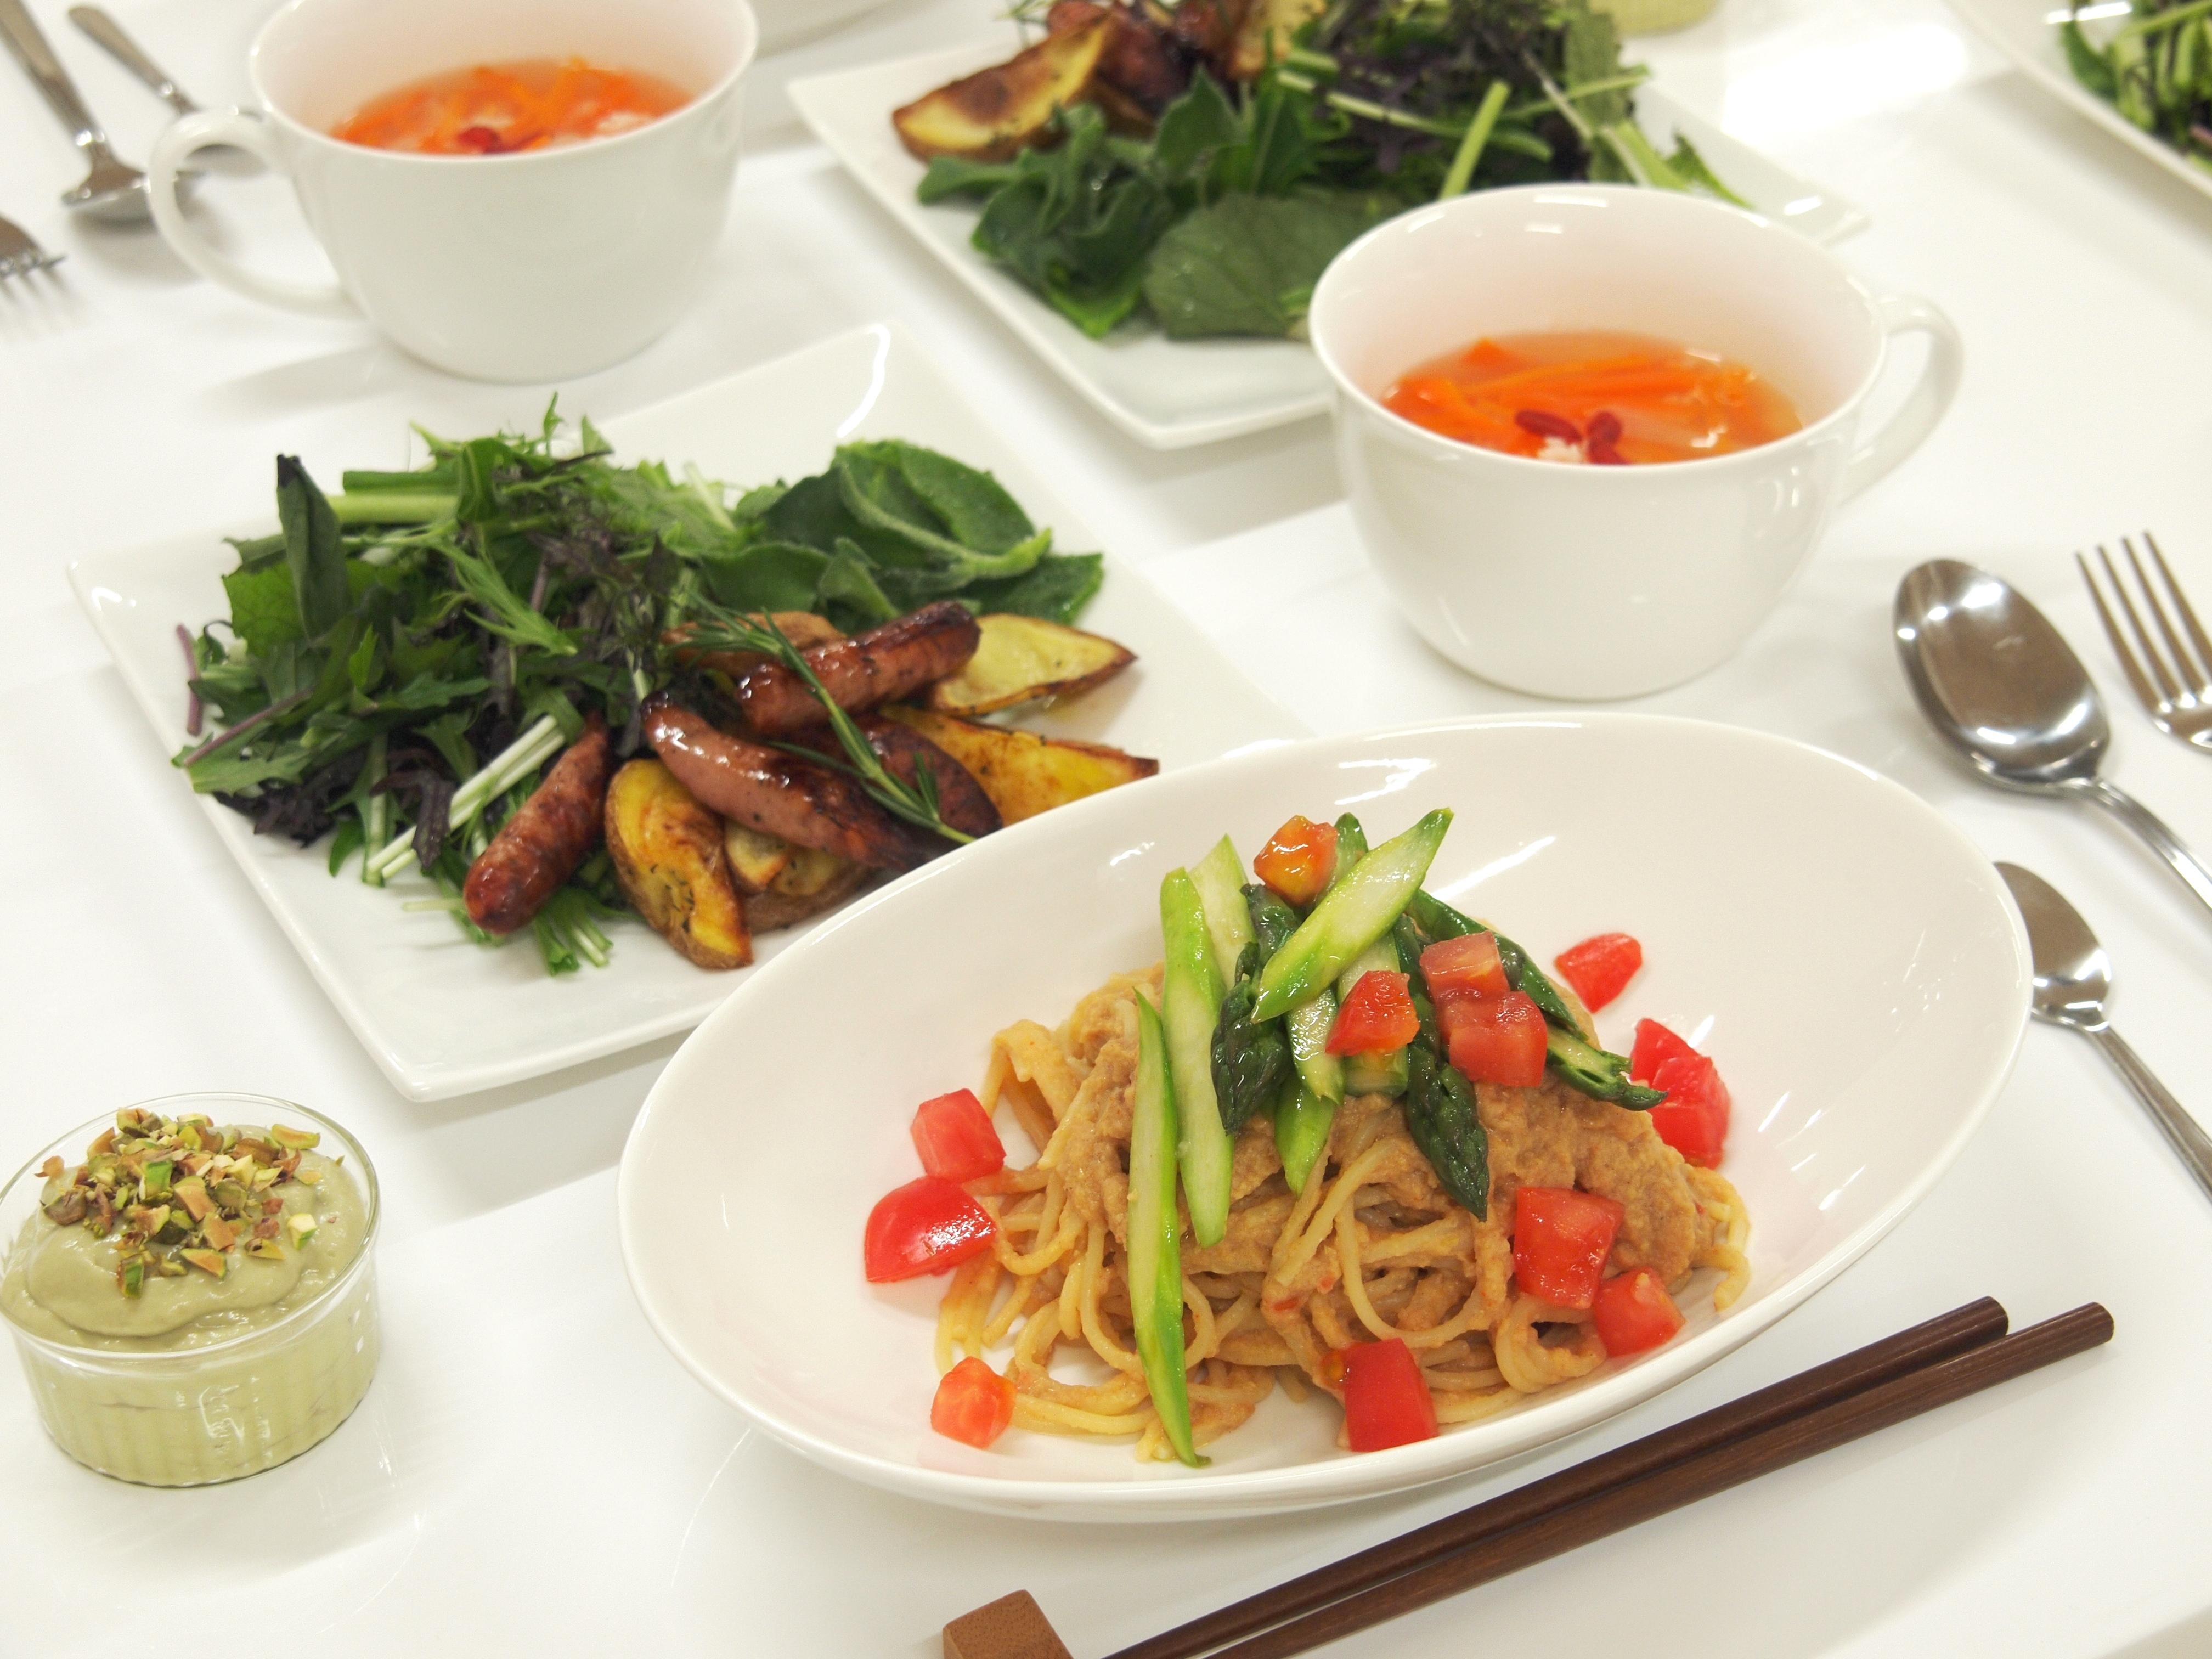 ハーブ・野菜・果物を楽しむ講座 2016年4月